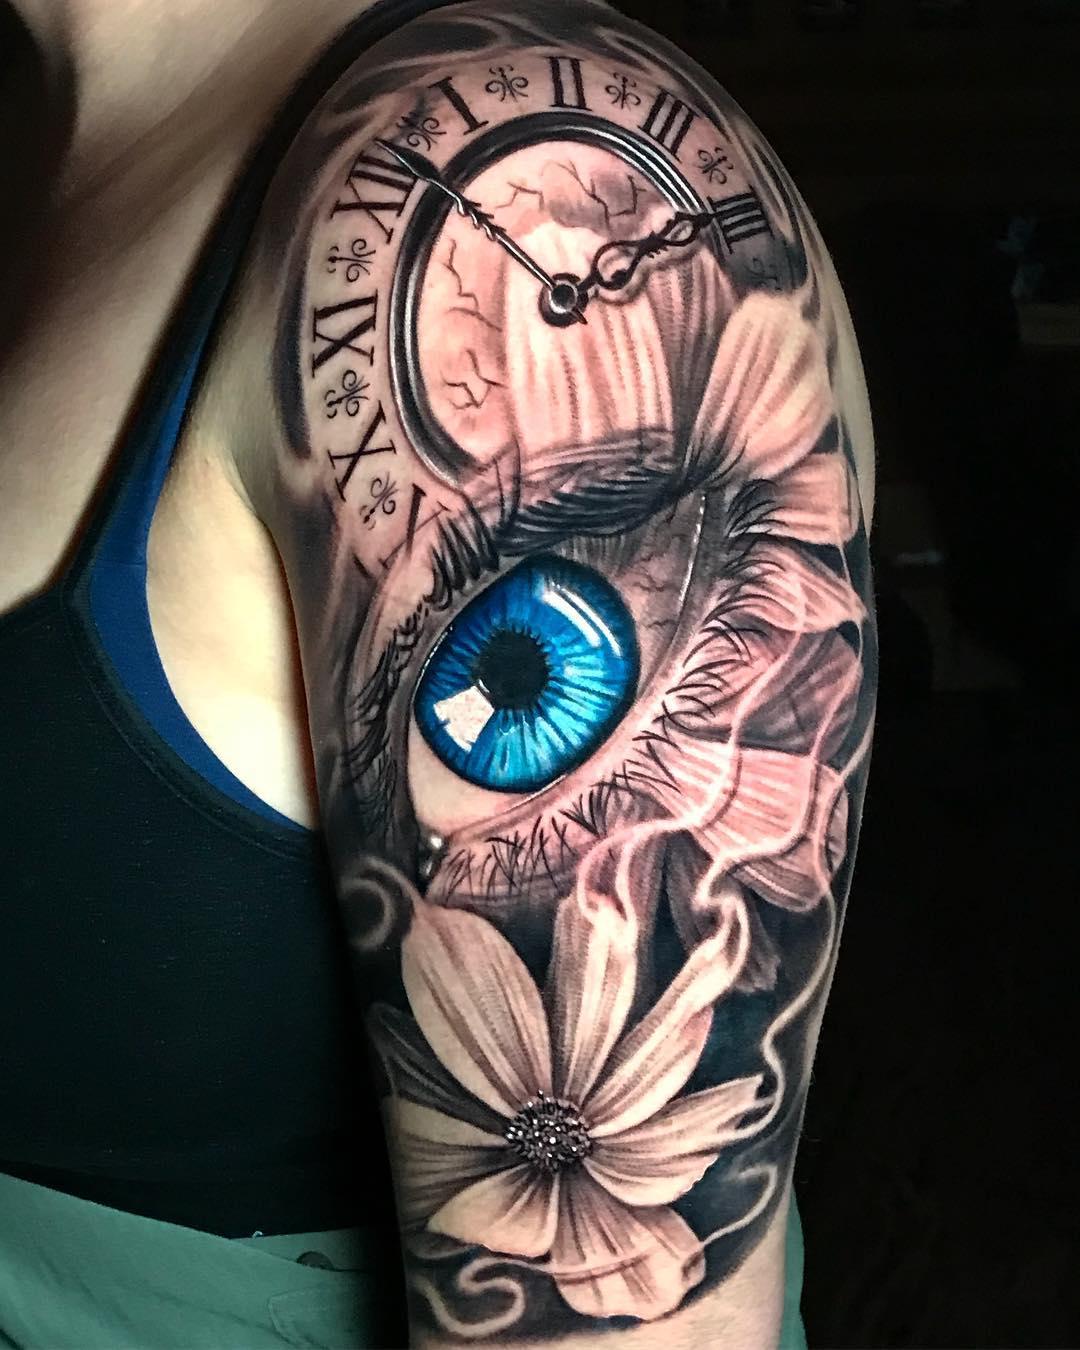 Цветная Татуировка Большой Глаз и Часы